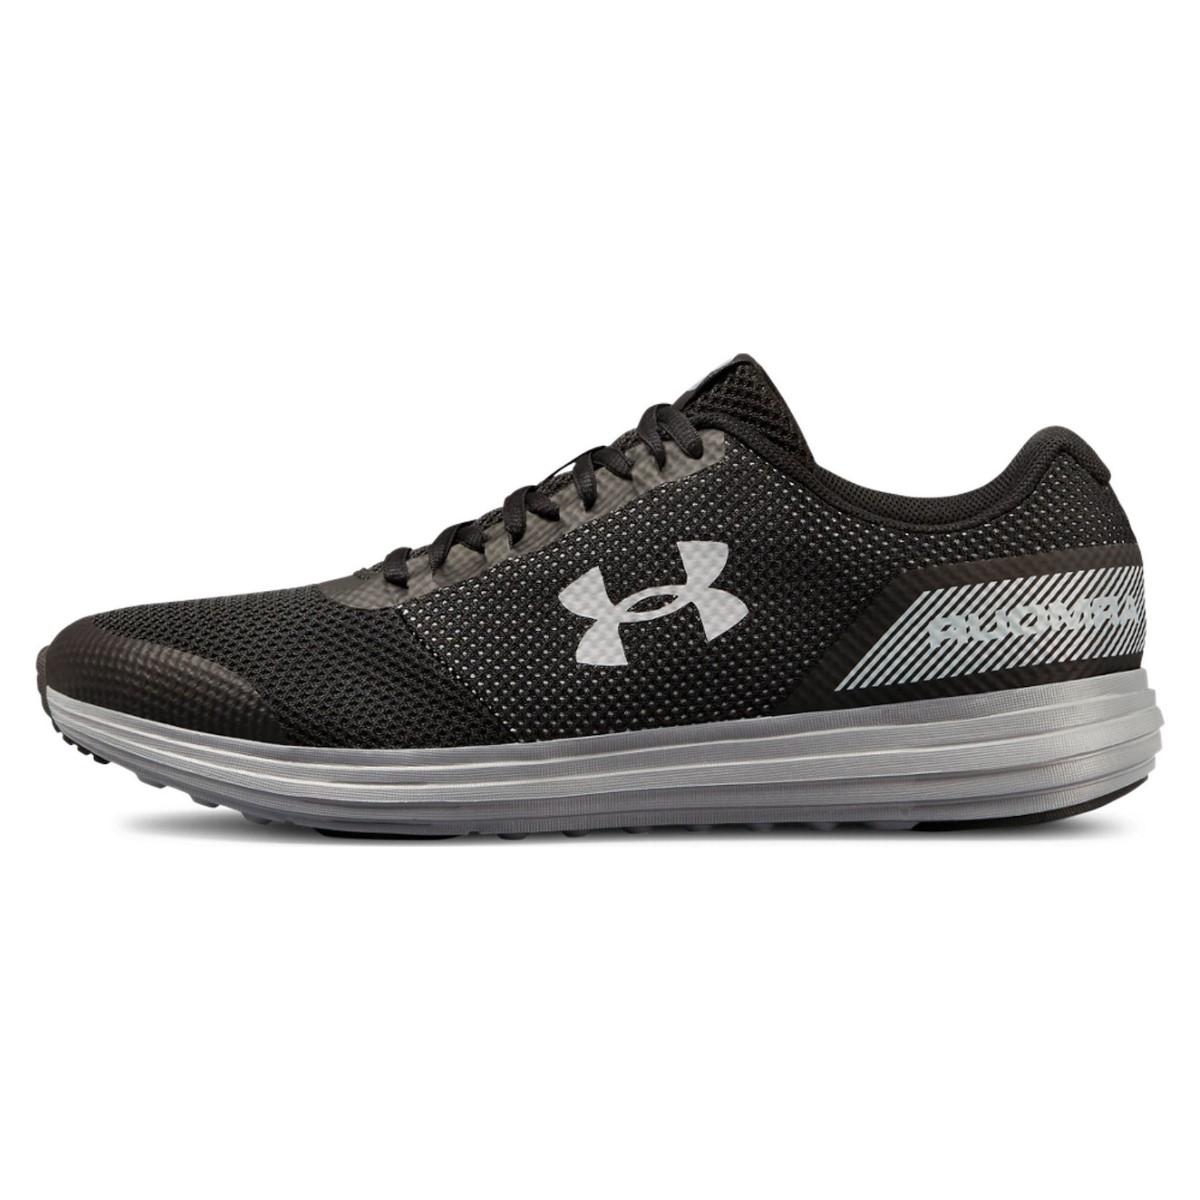 قیمت کفش مخصوص دویدن مردانه آندر آرمور مدل UA SURGE 4E رنگ طوسی مشکی